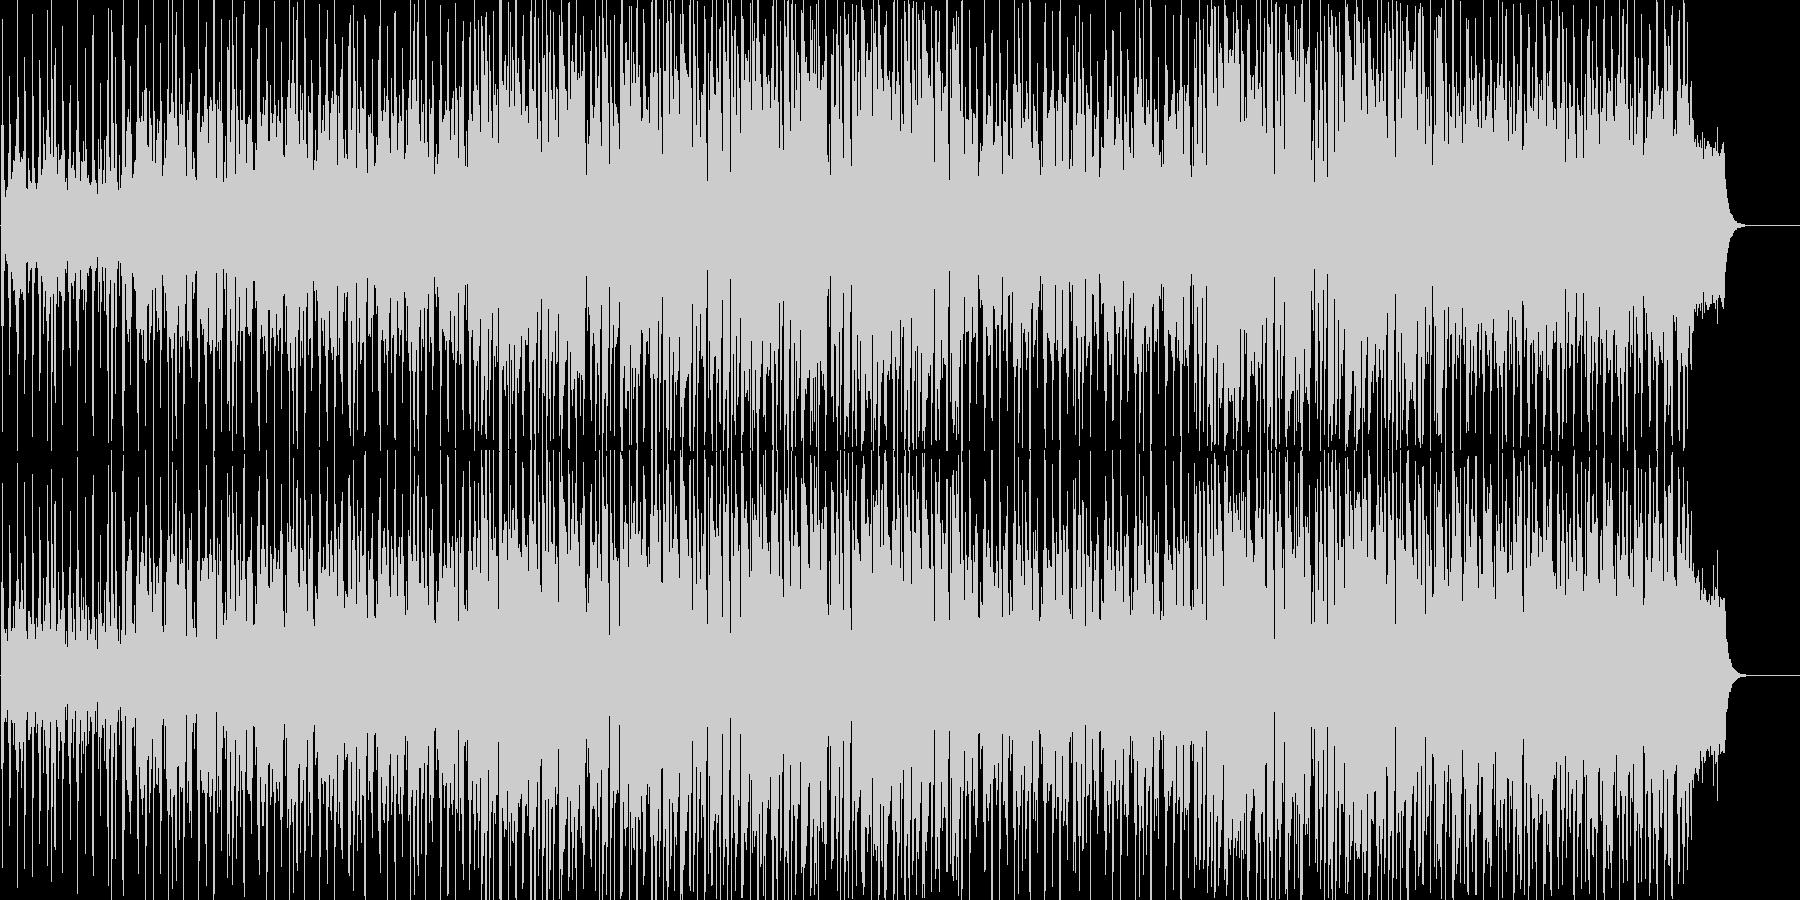 軽快で新鮮なイメージのポップスの未再生の波形